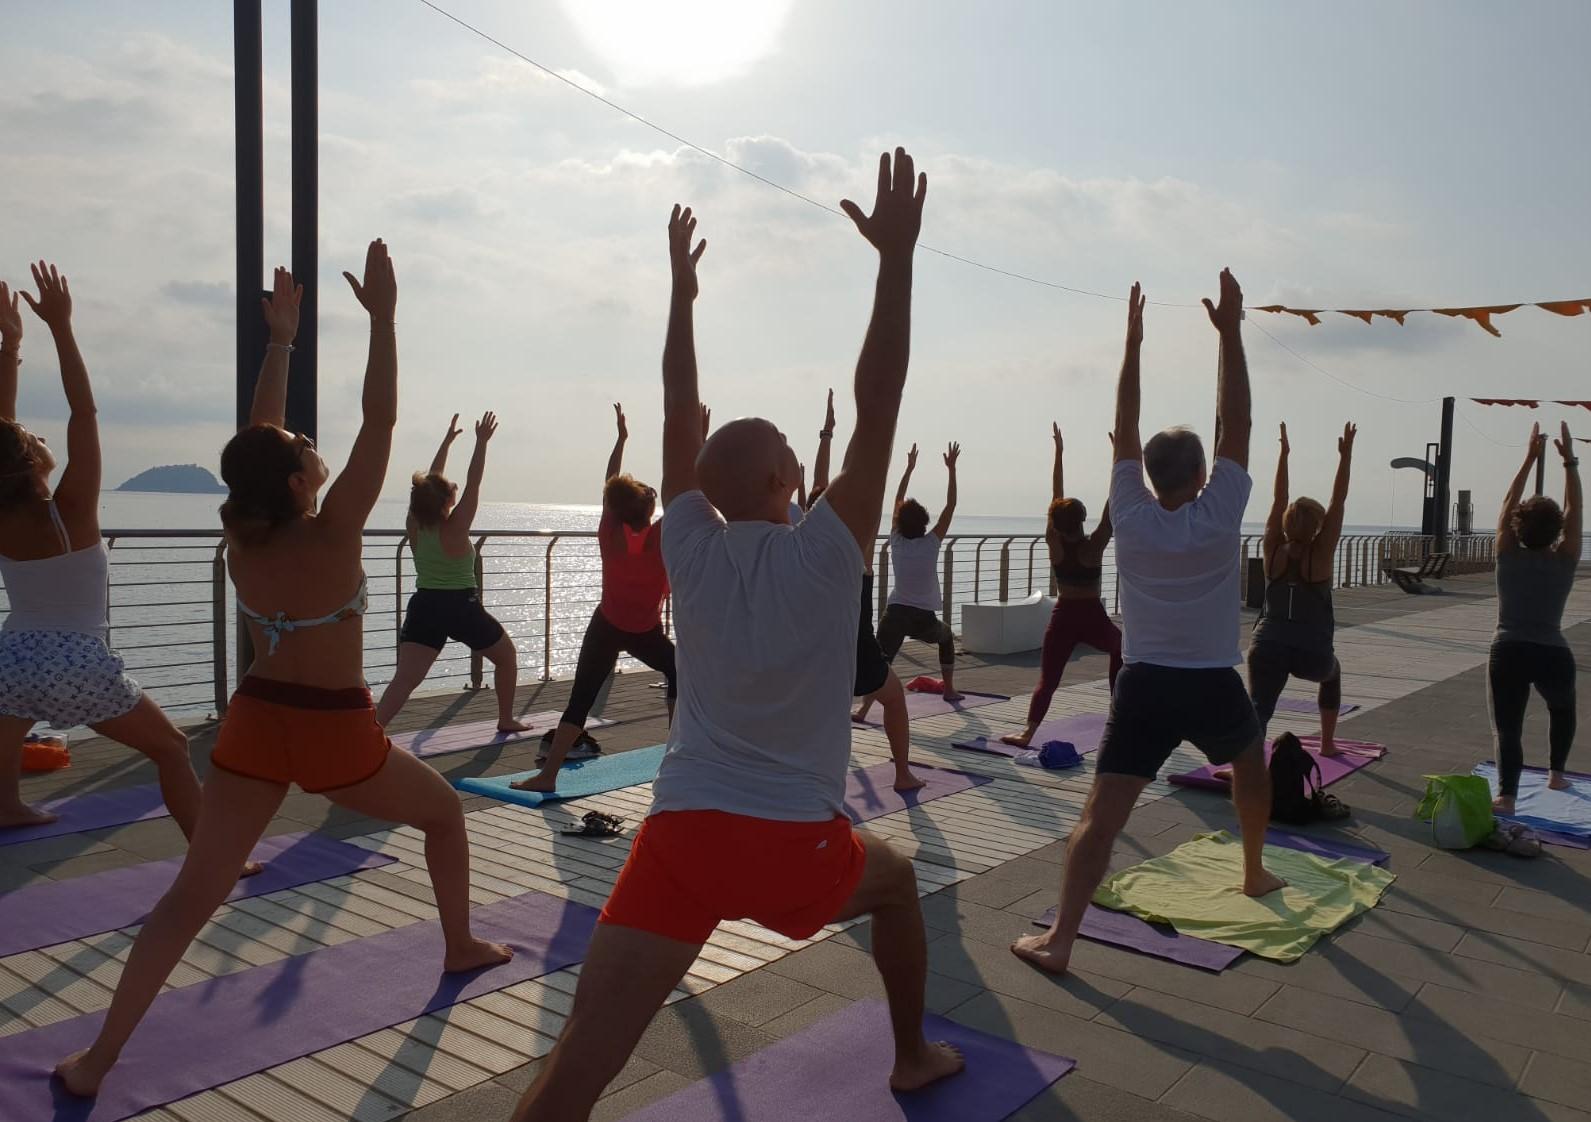 1_essere-free-yoga-gratuito-benessere-per-tutti-village-citta-alassio-estate-lucia-ragazzi-summer-town-wellness-081